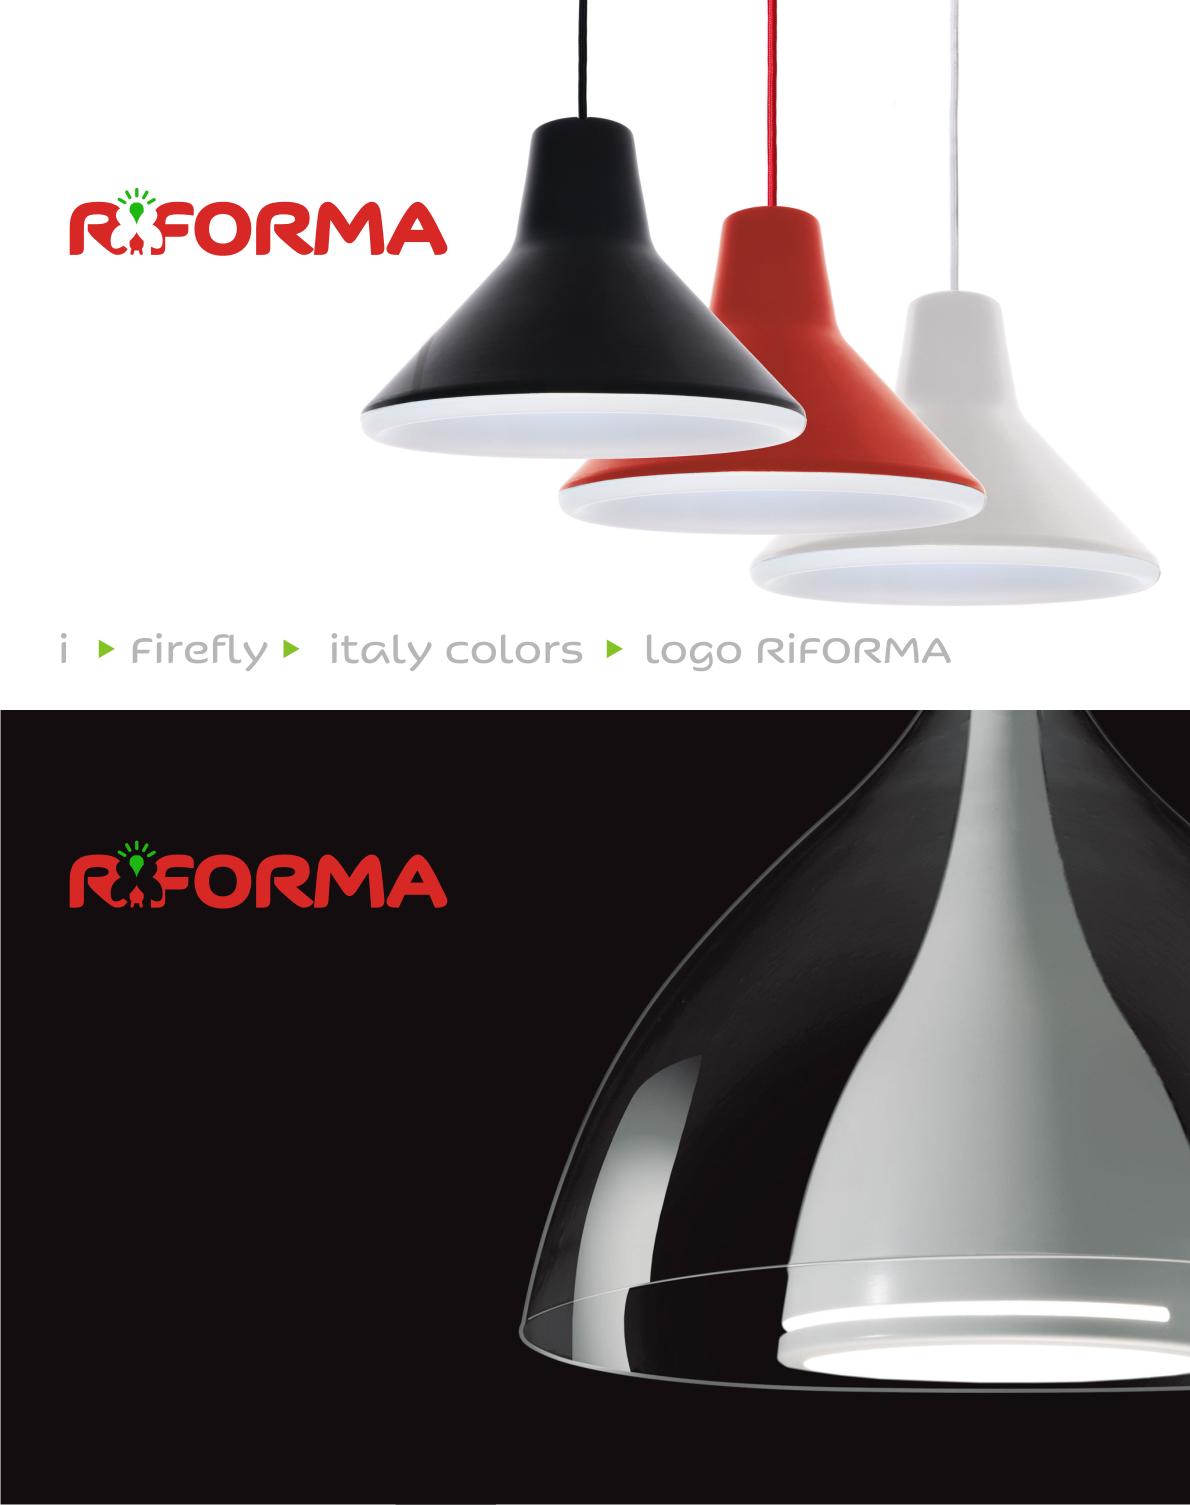 Разработка логотипа и элементов фирменного стиля фото f_9435797d4d4e441e.png